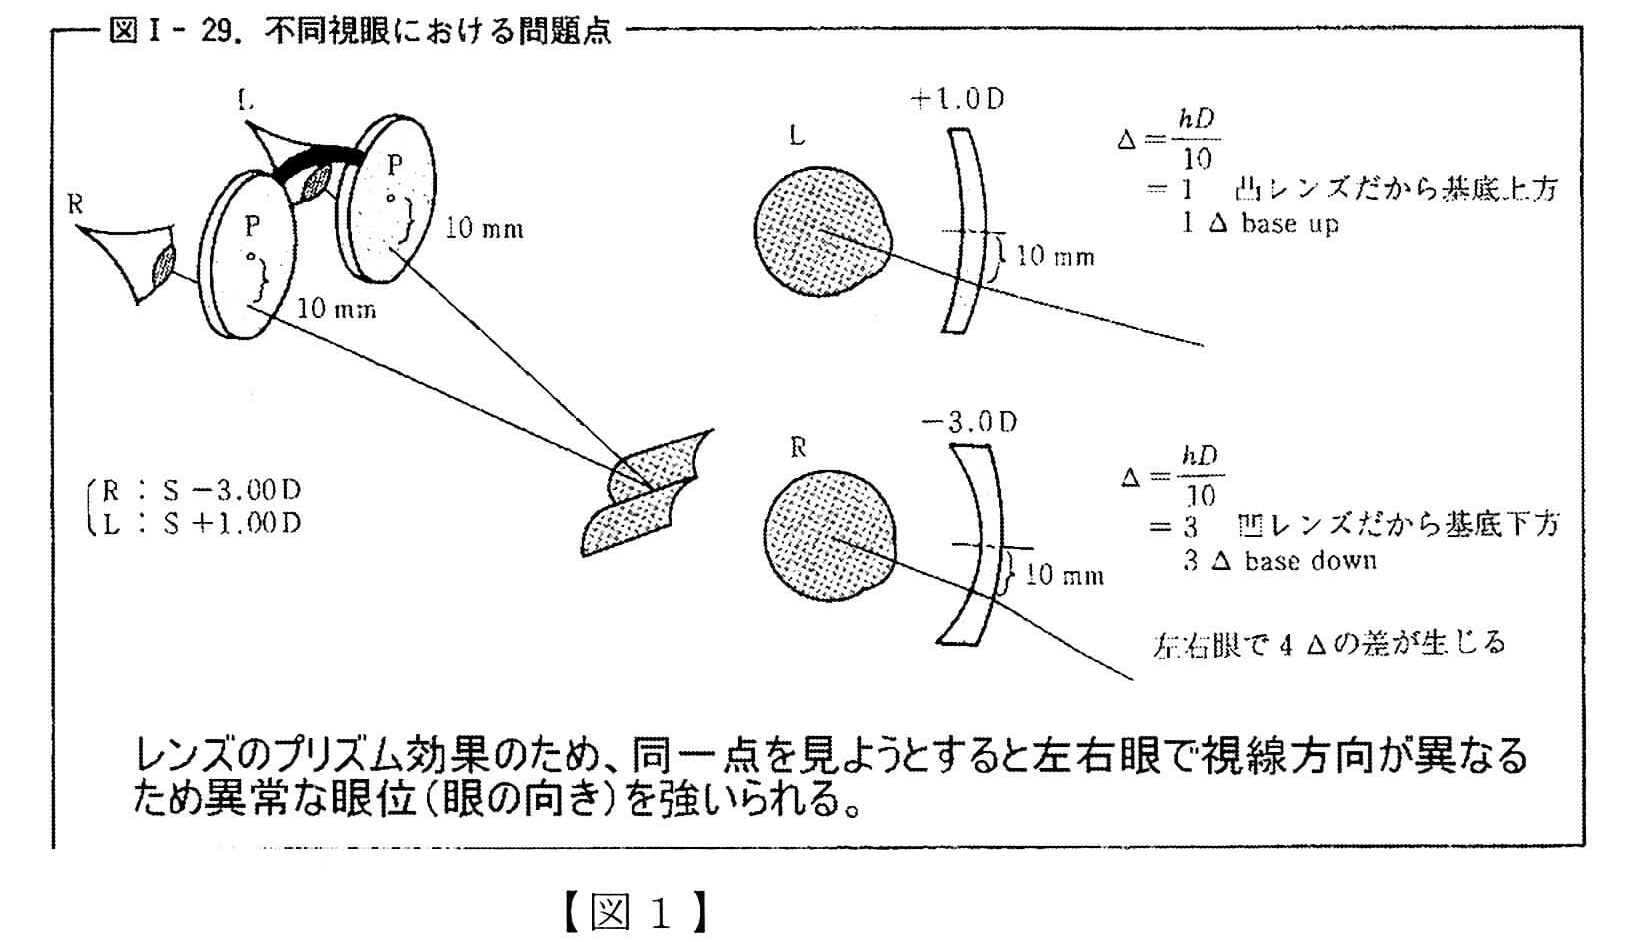 自他覚視軸測定装置使用の実際